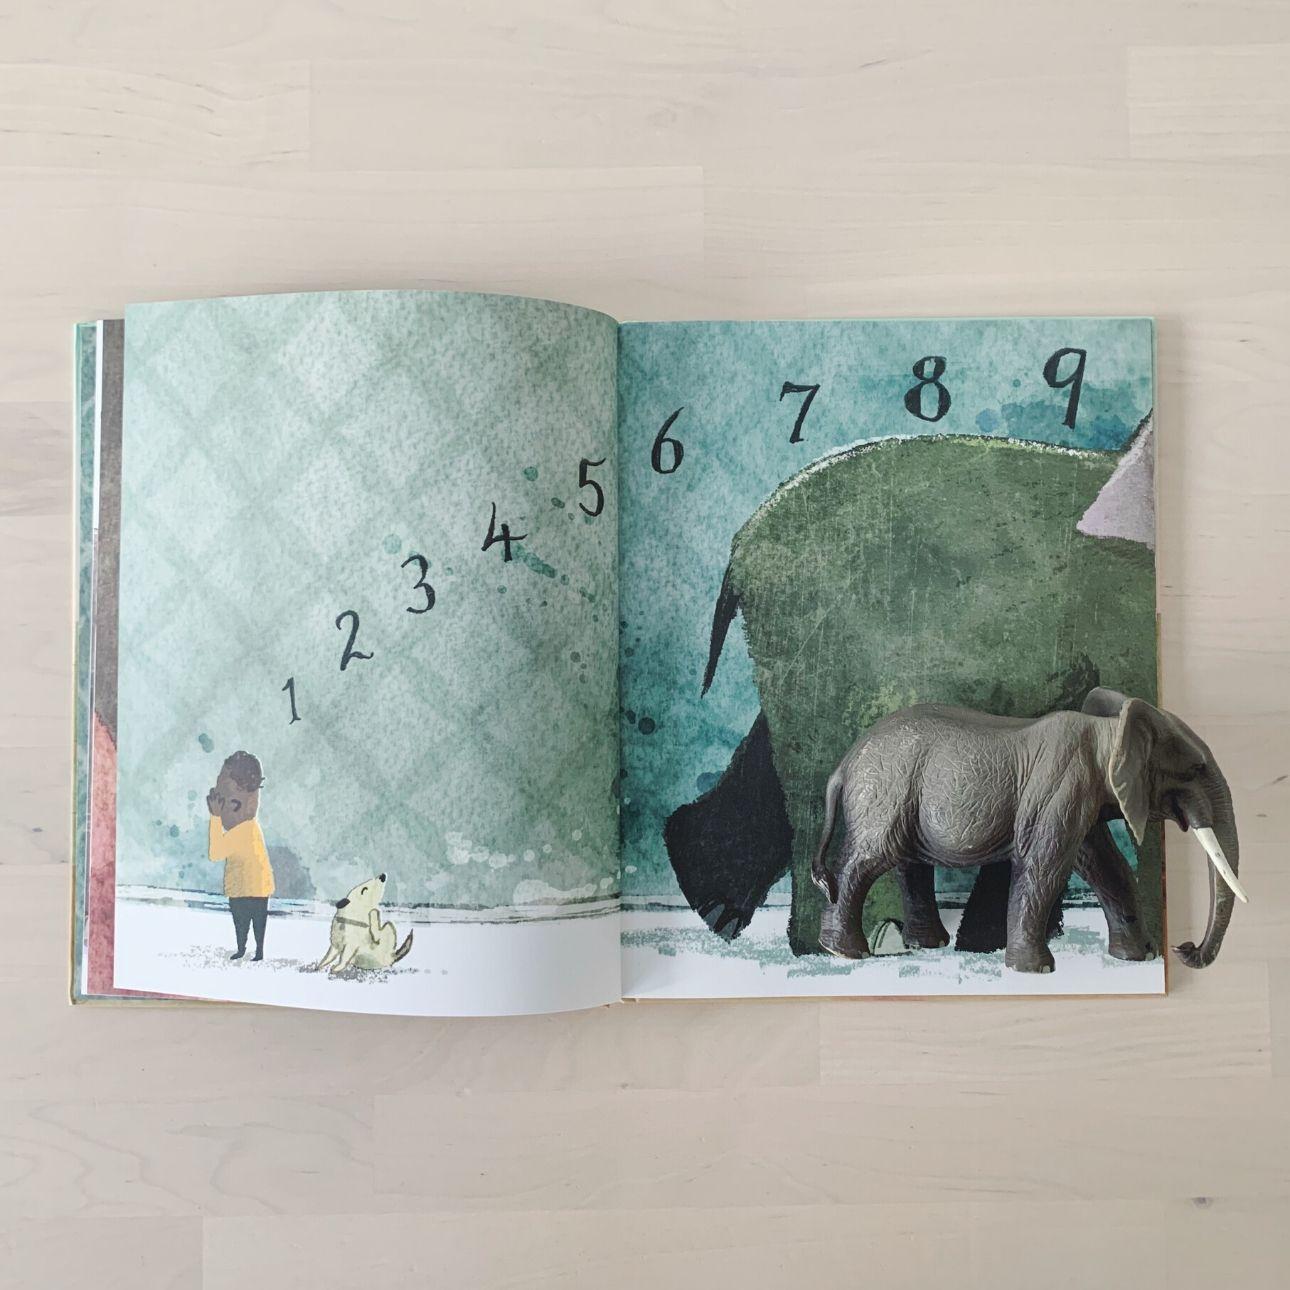 Heb jij misschien olifant gezien - kinderboek tellen